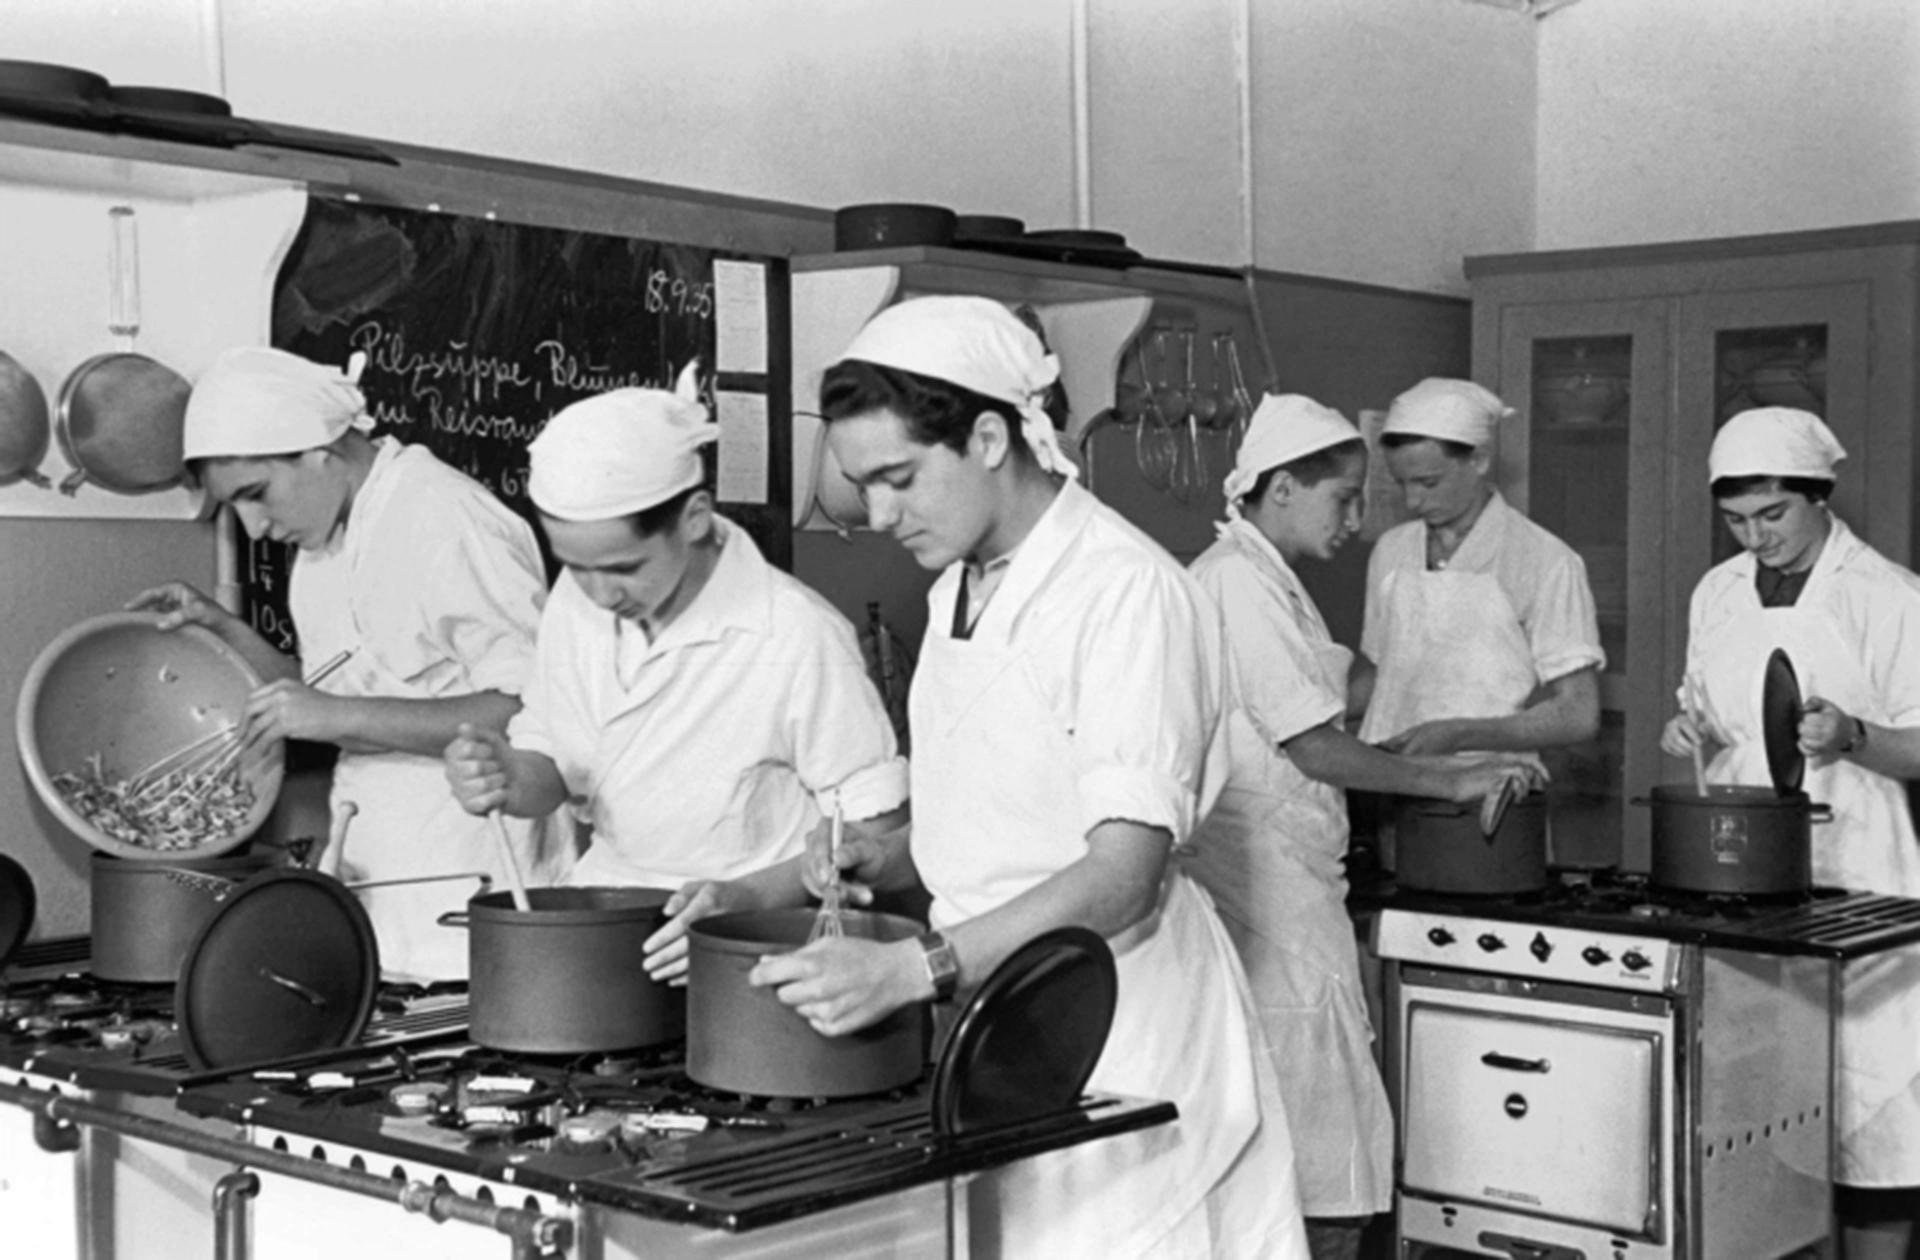 Schwarz-Weiß-Fotografie von sechs Schülern in der Küche der Theodor-Herzl-Schule mit weißen Schürzen und weißen Kopftüchern am Herd stehend in Töpfen rührend